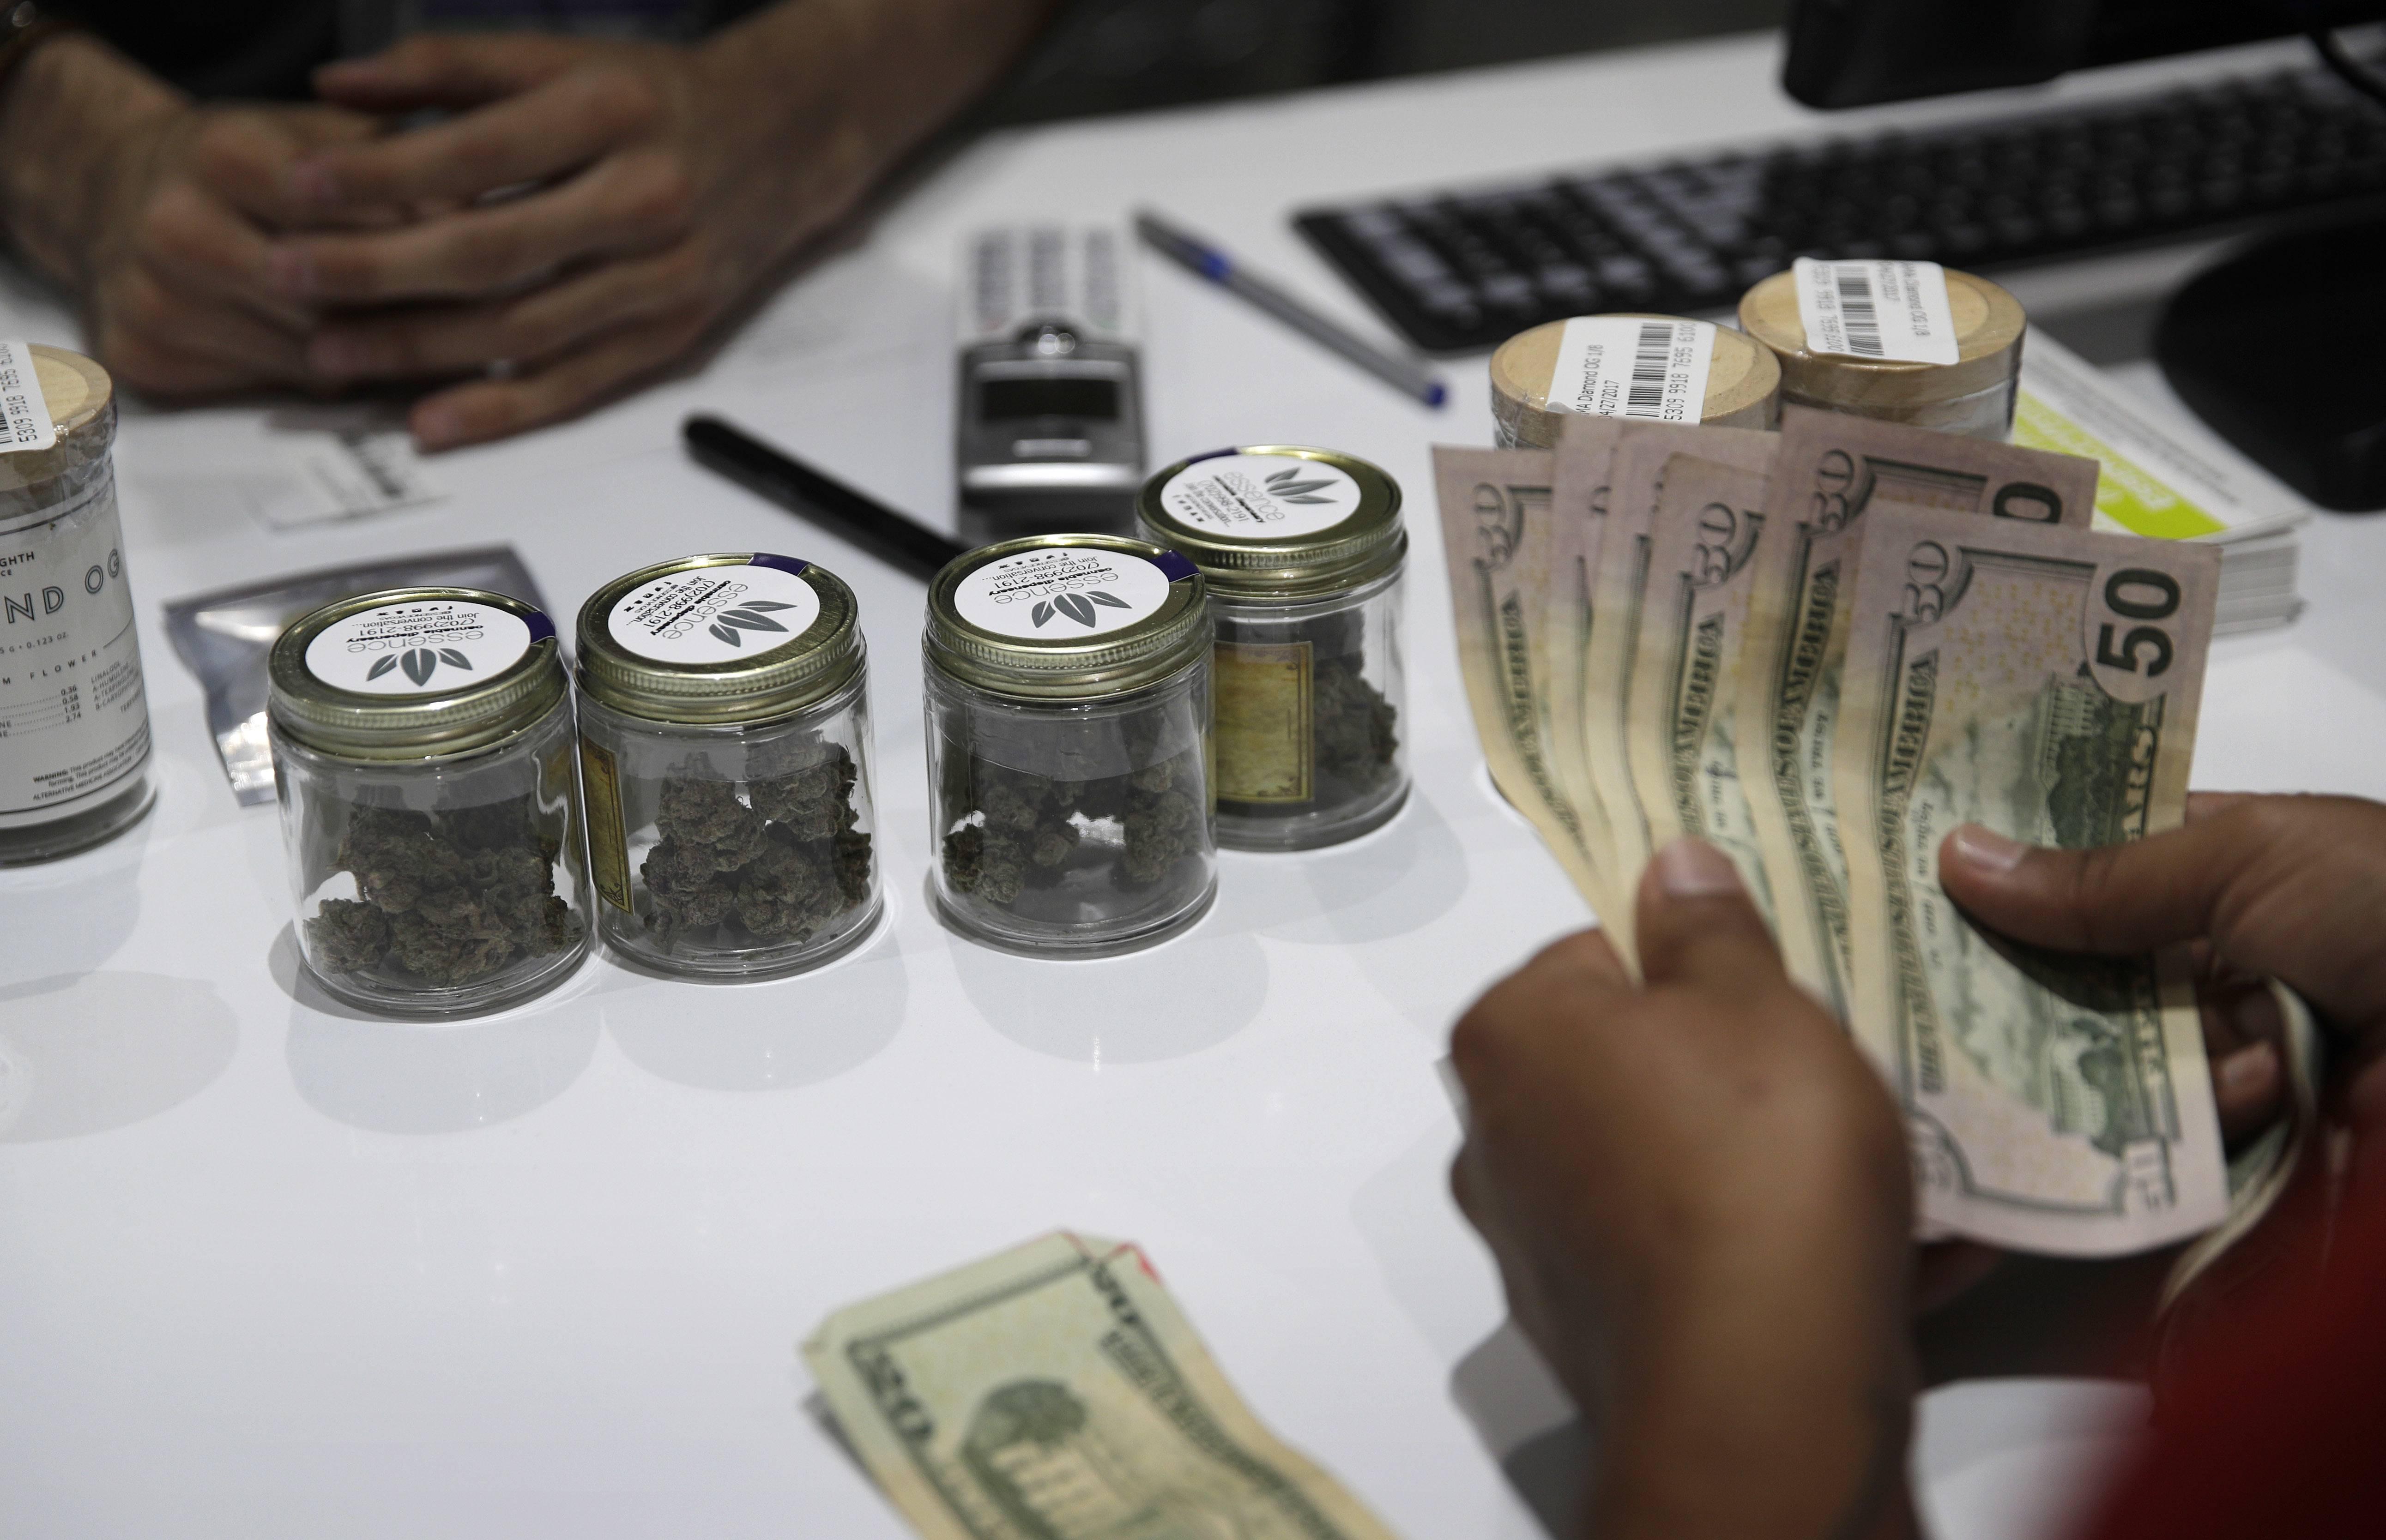 La venta y el consumo son legales, pero autoridades piden no hacerlo en lugares públicos Inicio de la venta de marihuana legal con fines recreativos en Nevada